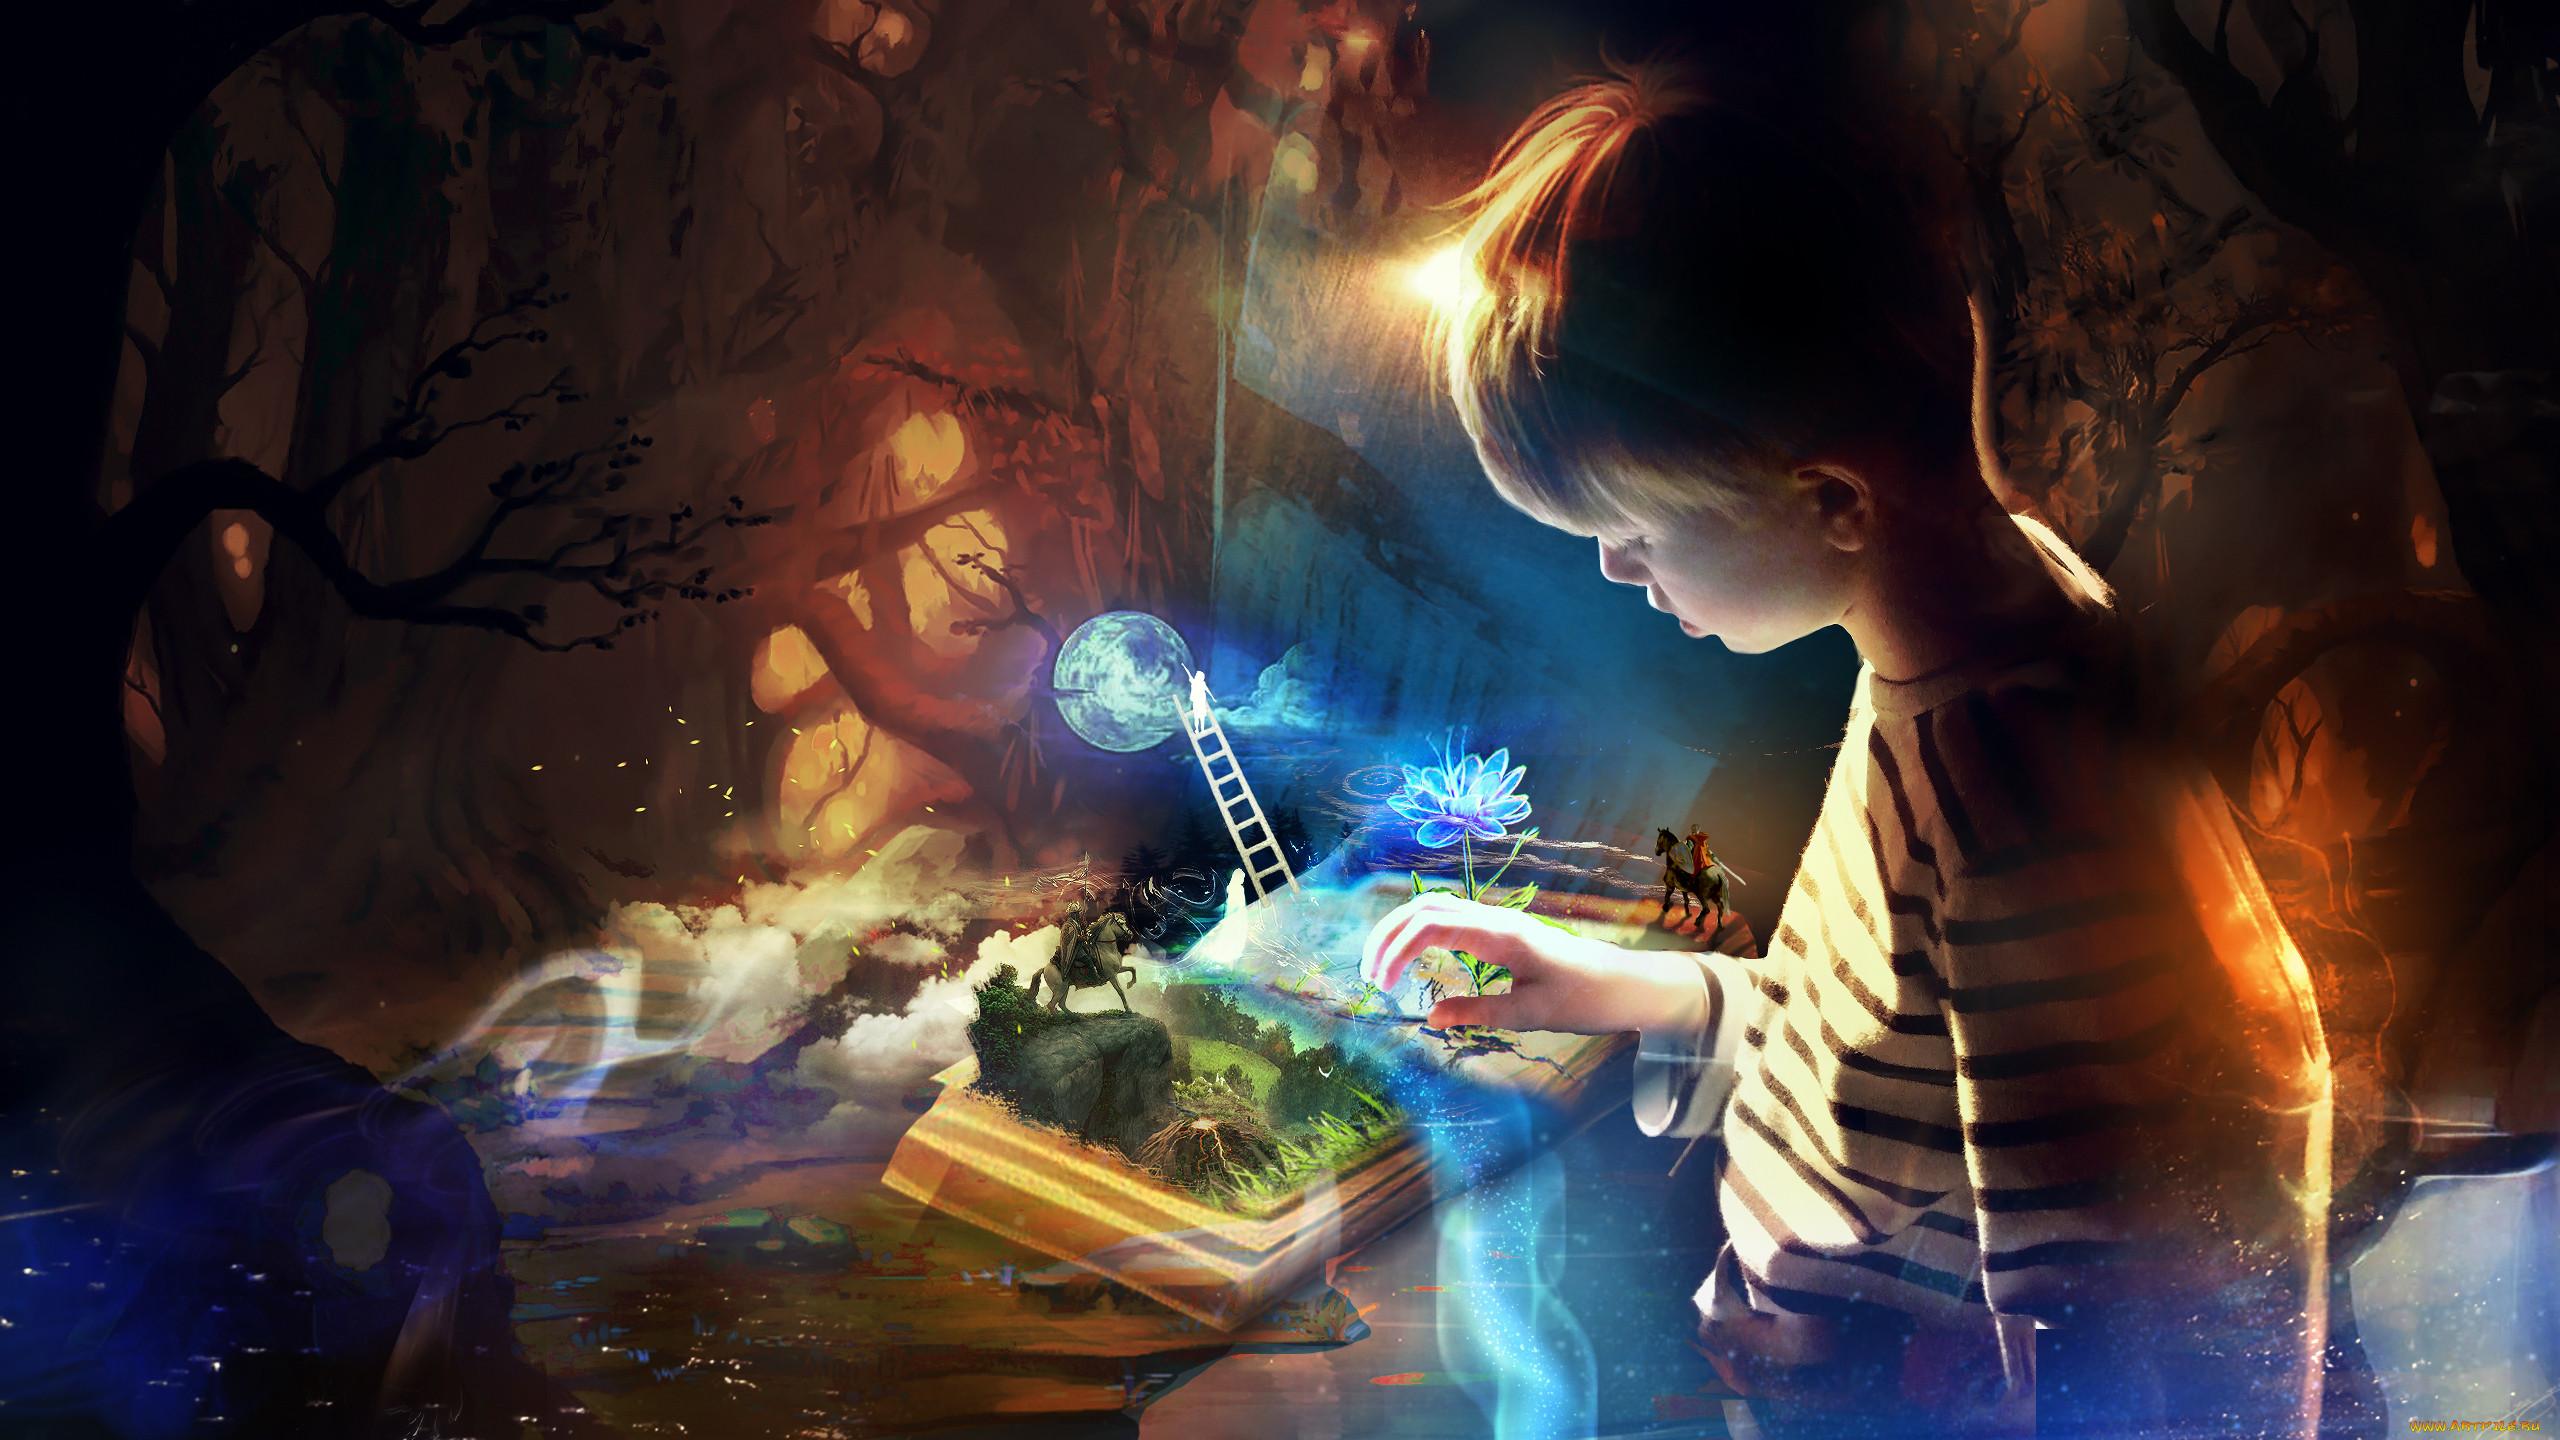 фантастика детям картинки всем известно